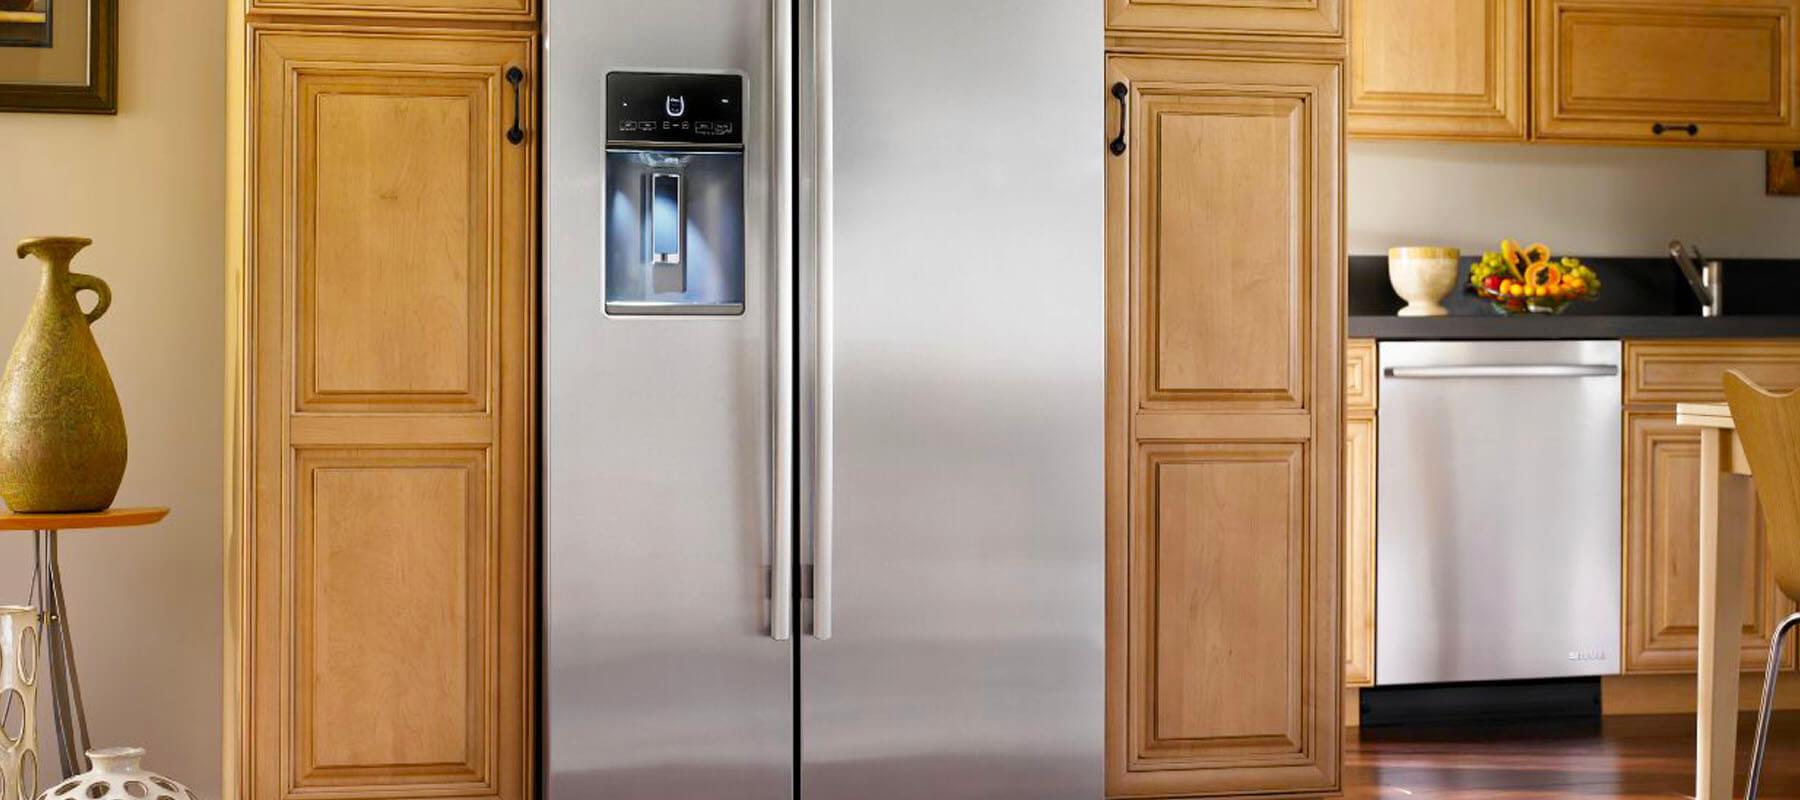 Built in Counter Depth Refrigerator Van Nuys | Built-in Refrigerator Repair